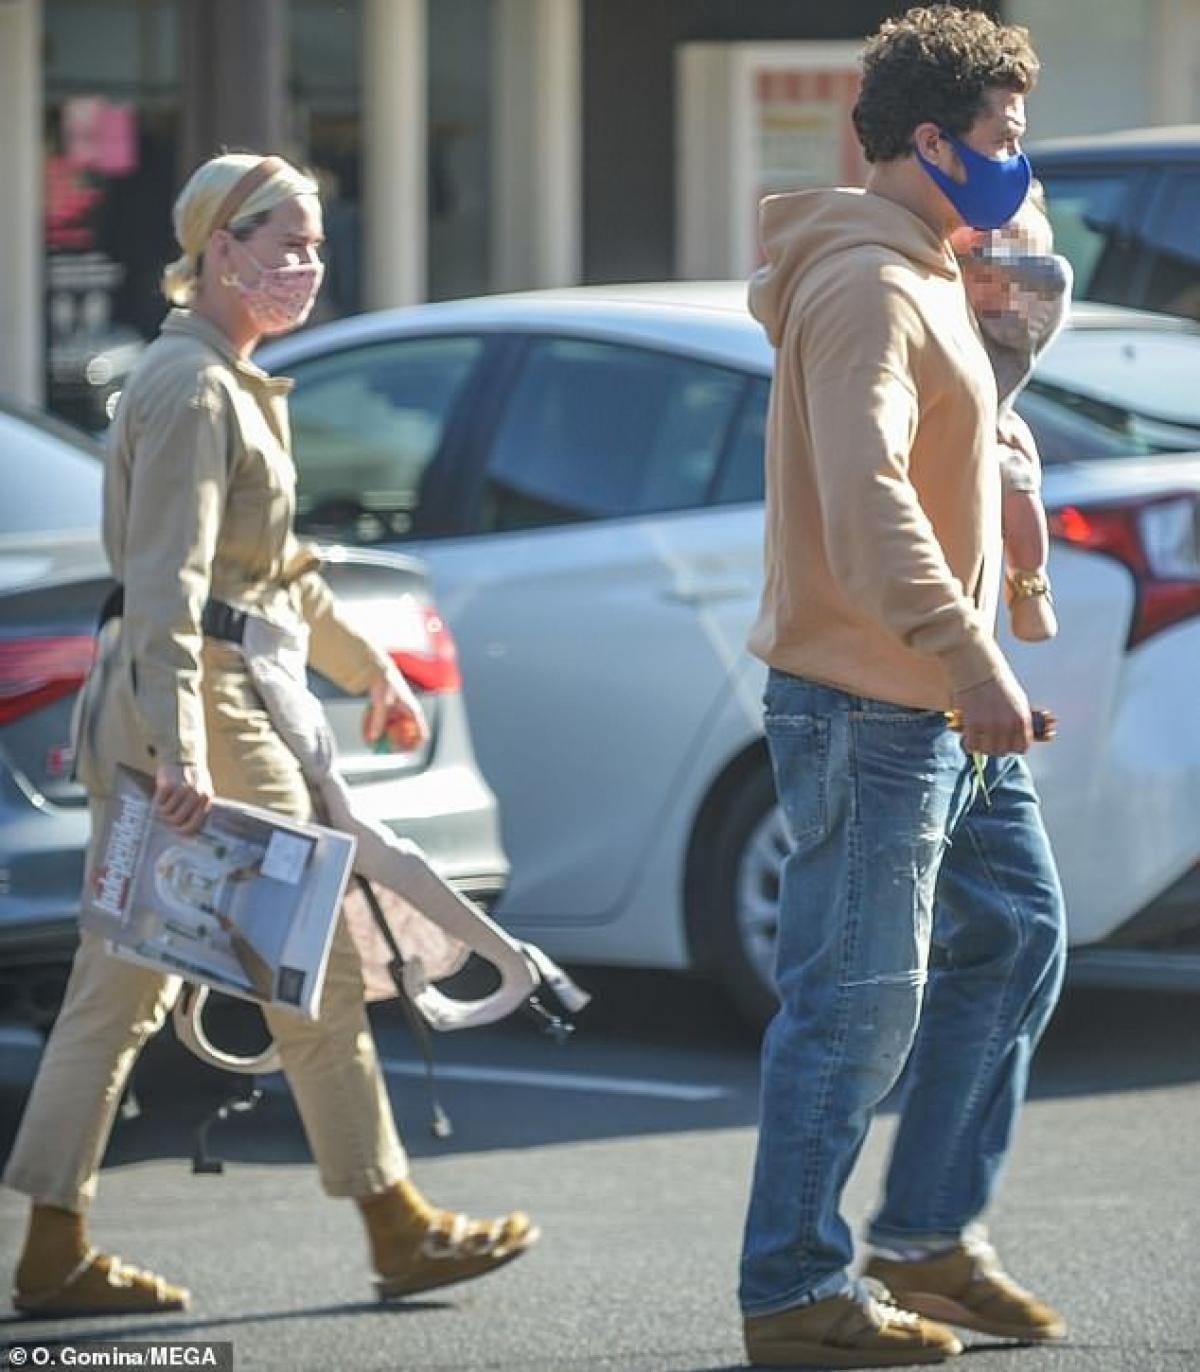 """Nam diễn viên phong độ, bế """"công chúa nhỏ"""" sải bước trên phố. Trong khi đó, Katy Perry bước theo phía sau."""